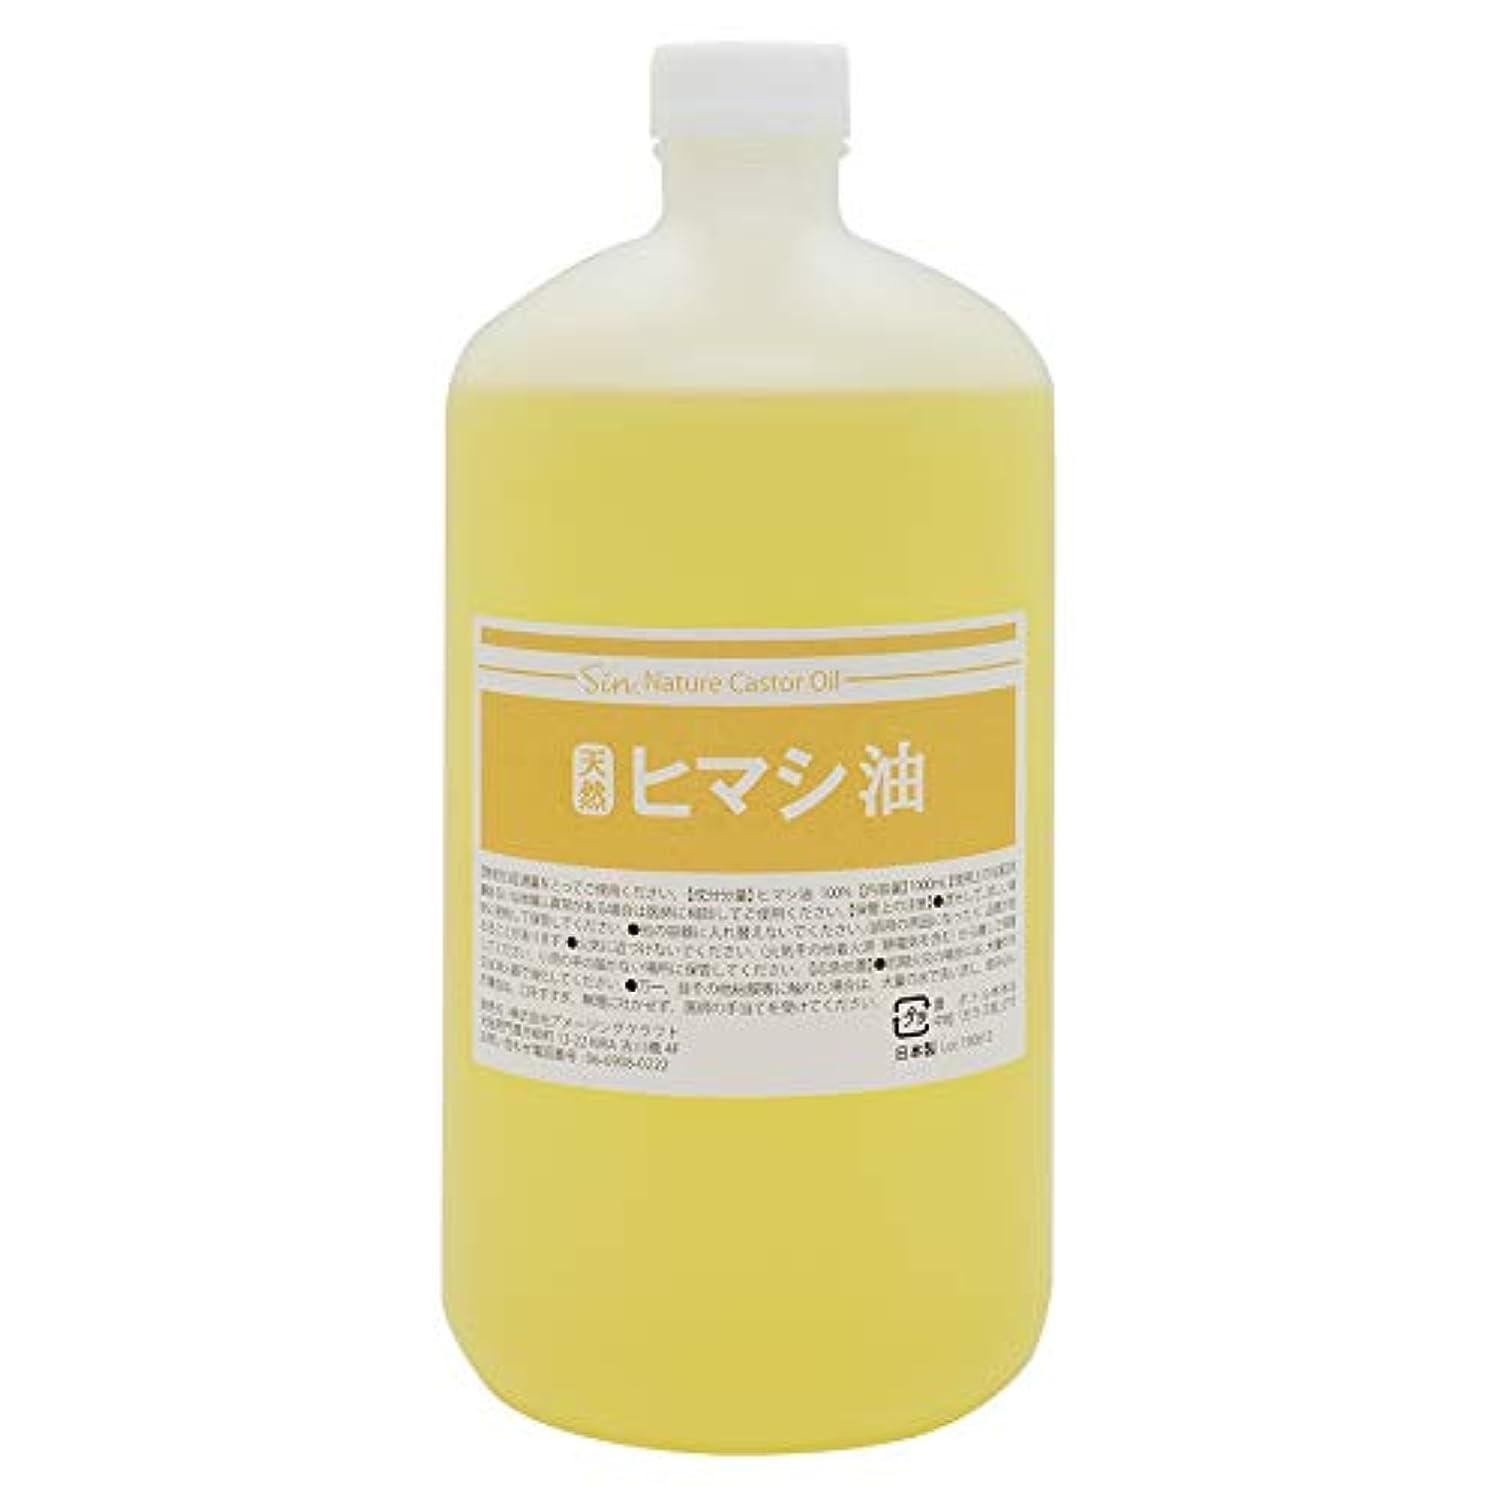 財団賞賛空港天然無添加 国内精製 ひまし油 1000ml (ヒマシ油 キャスターオイル)